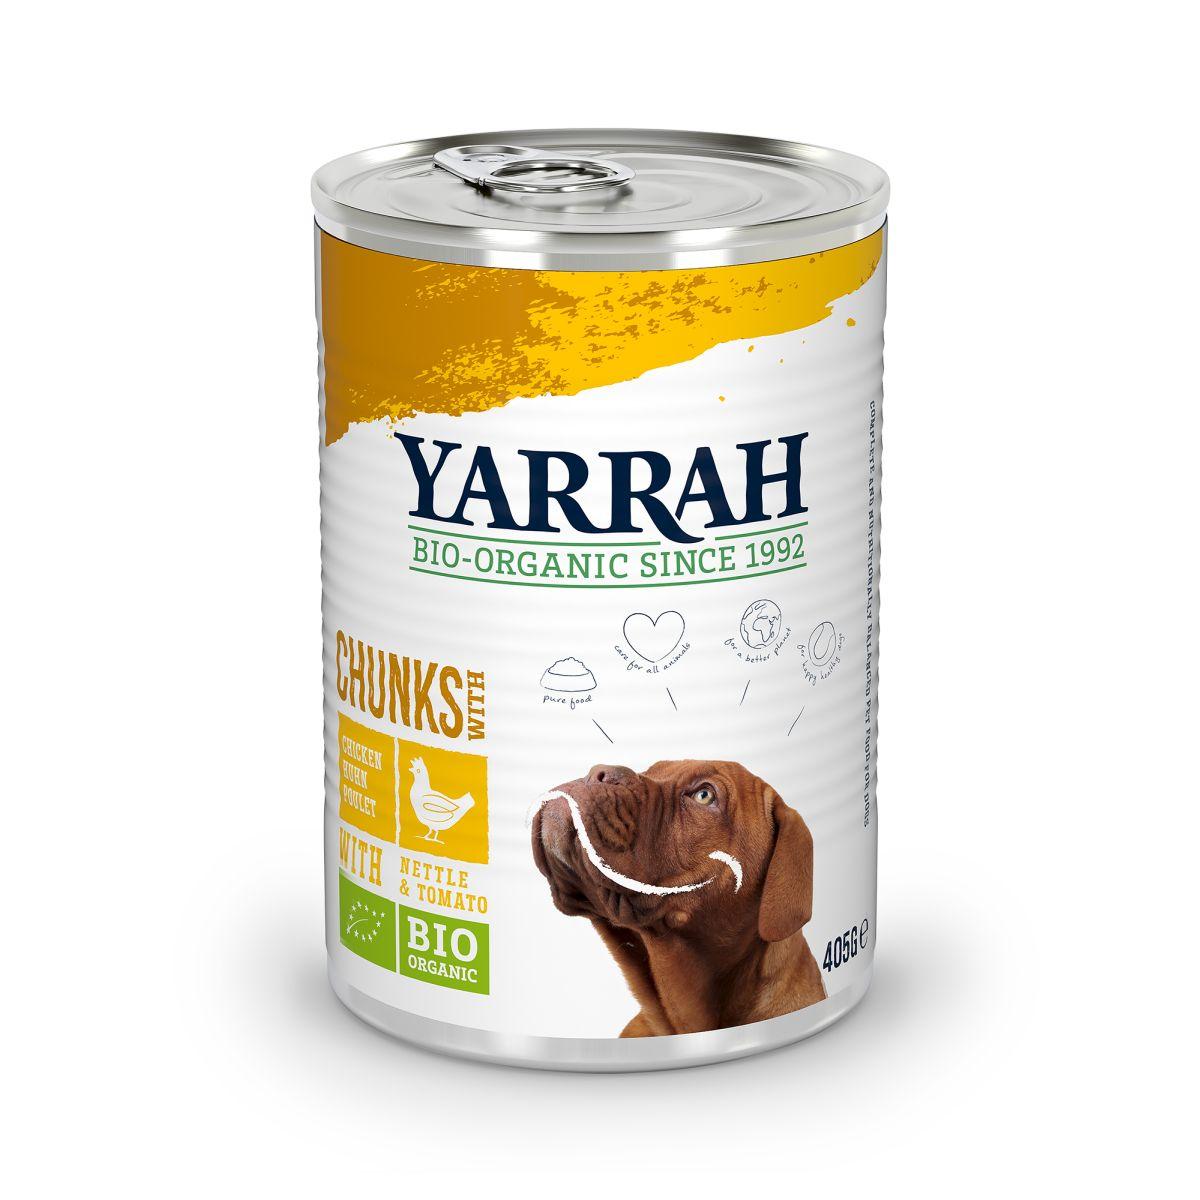 Yarrah - biologische brokjes in saus kip met brandnetel en tomaat meerkleurig 405 gr